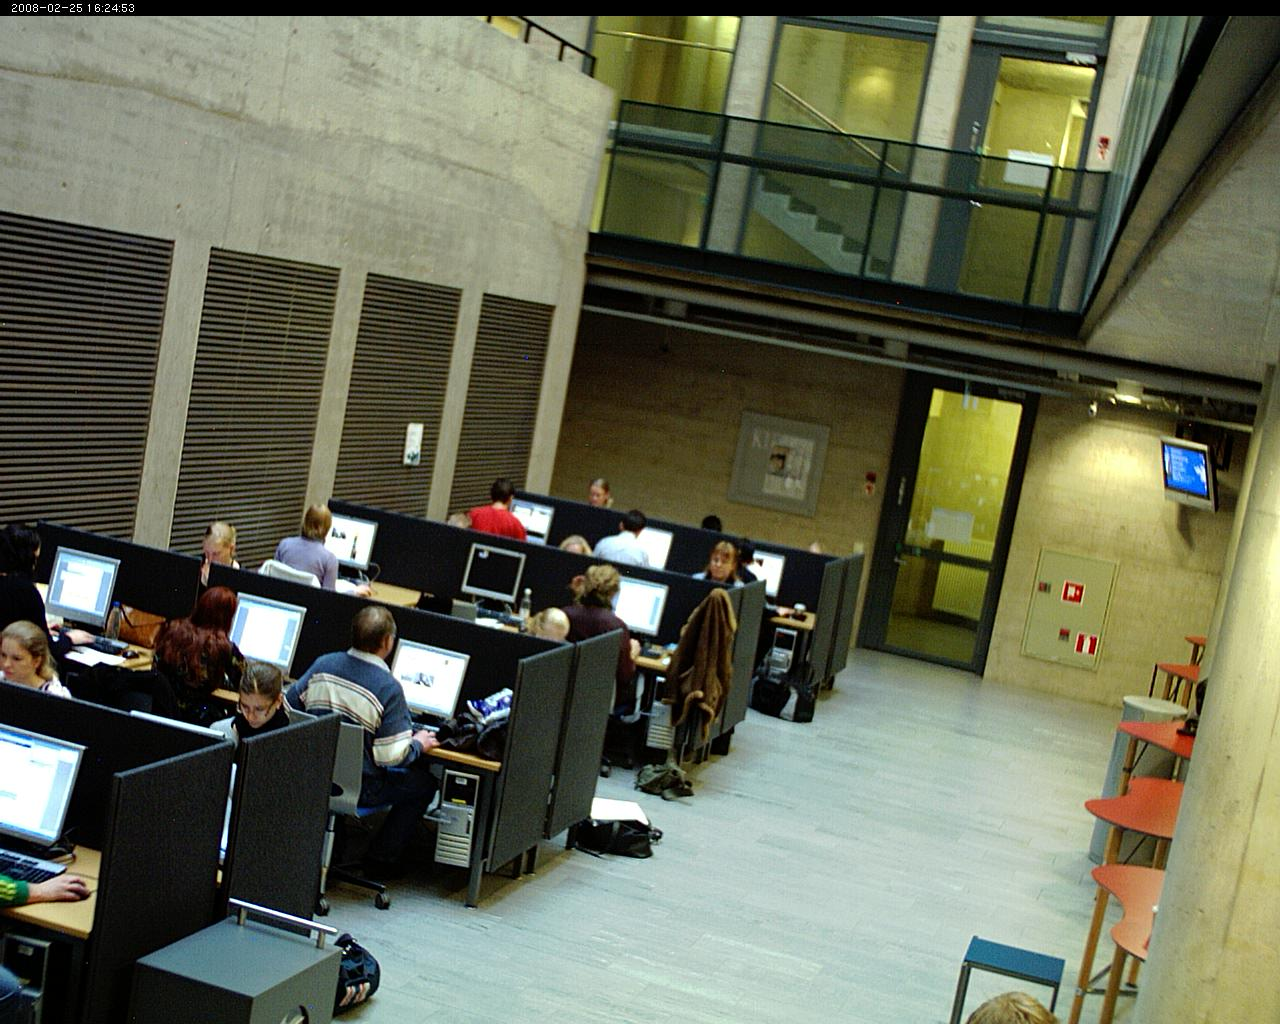 University of Helsinki photo 2